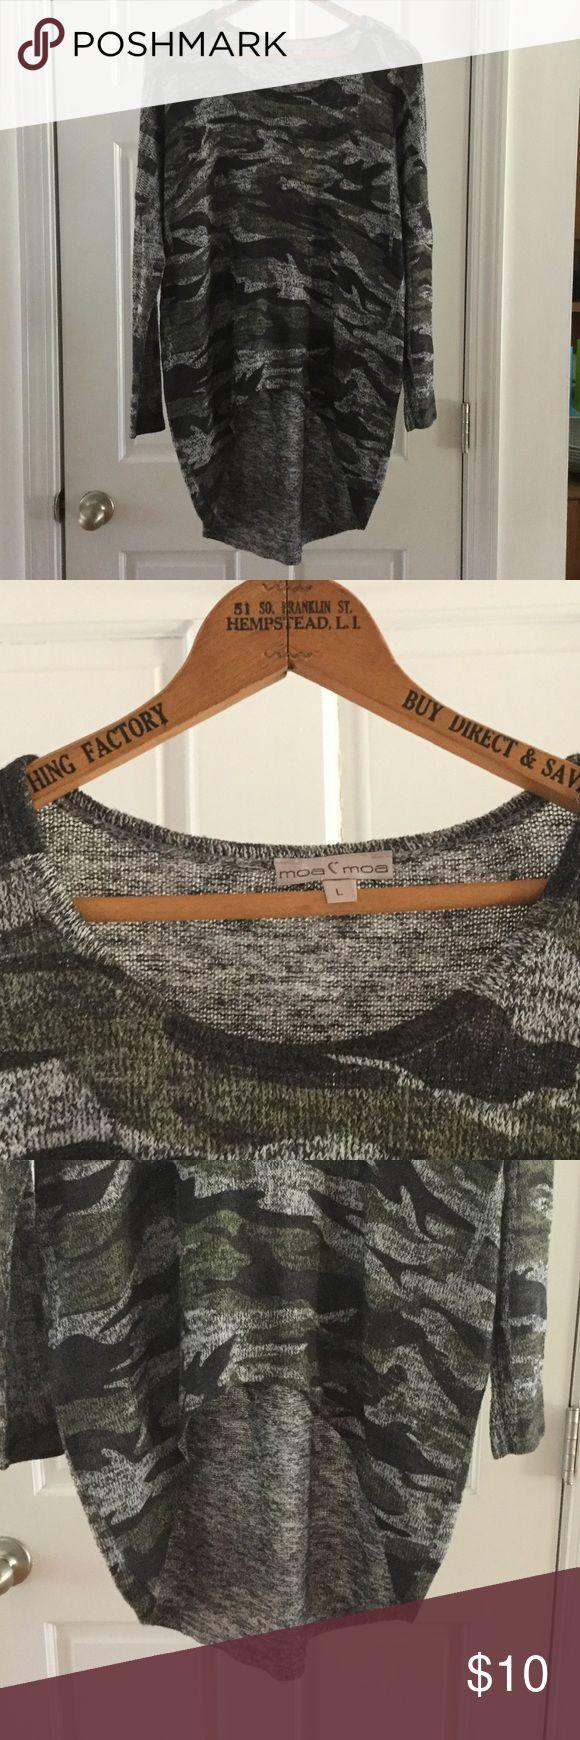 Spotted while shopping on Poshmark: Moa C' Moa Camouflaged top.! #poshmark #fashion #shopping #style #Moa Moa #Tops